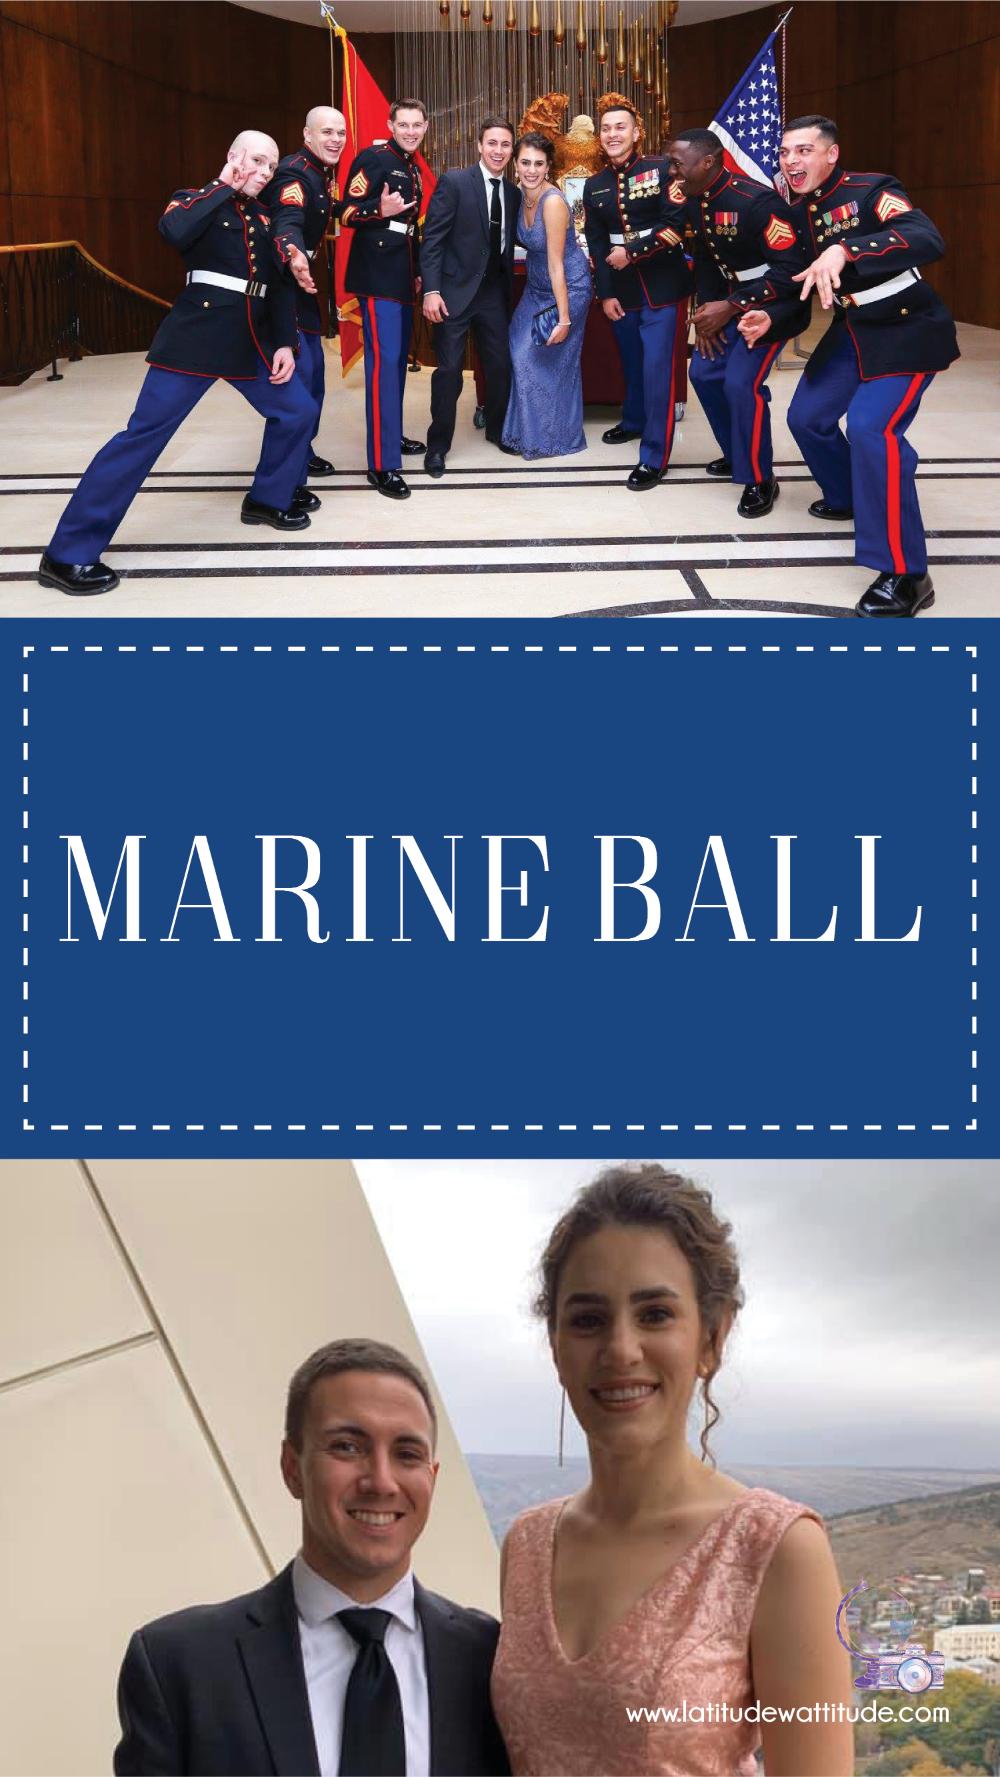 Marine Ball Marine ball, Marine corps birthday, Marine corps